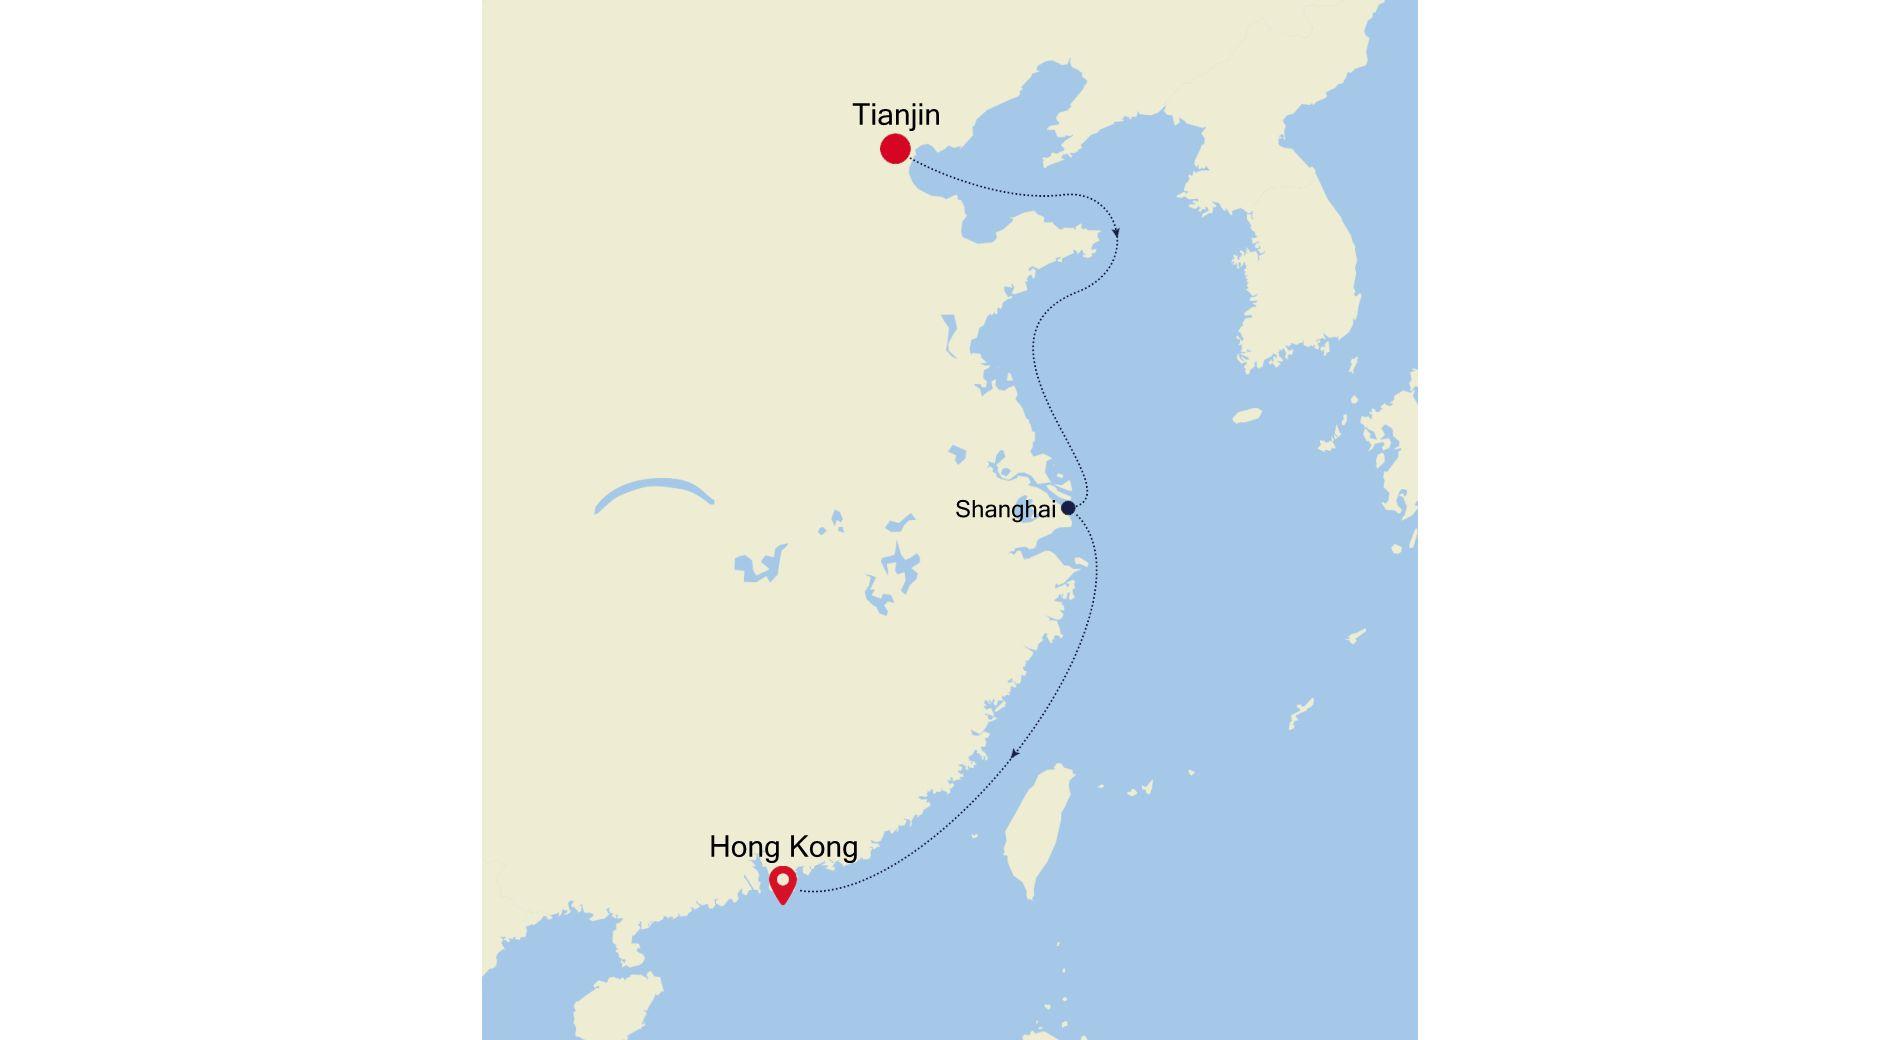 6928B - Tianjin to Hong Kong